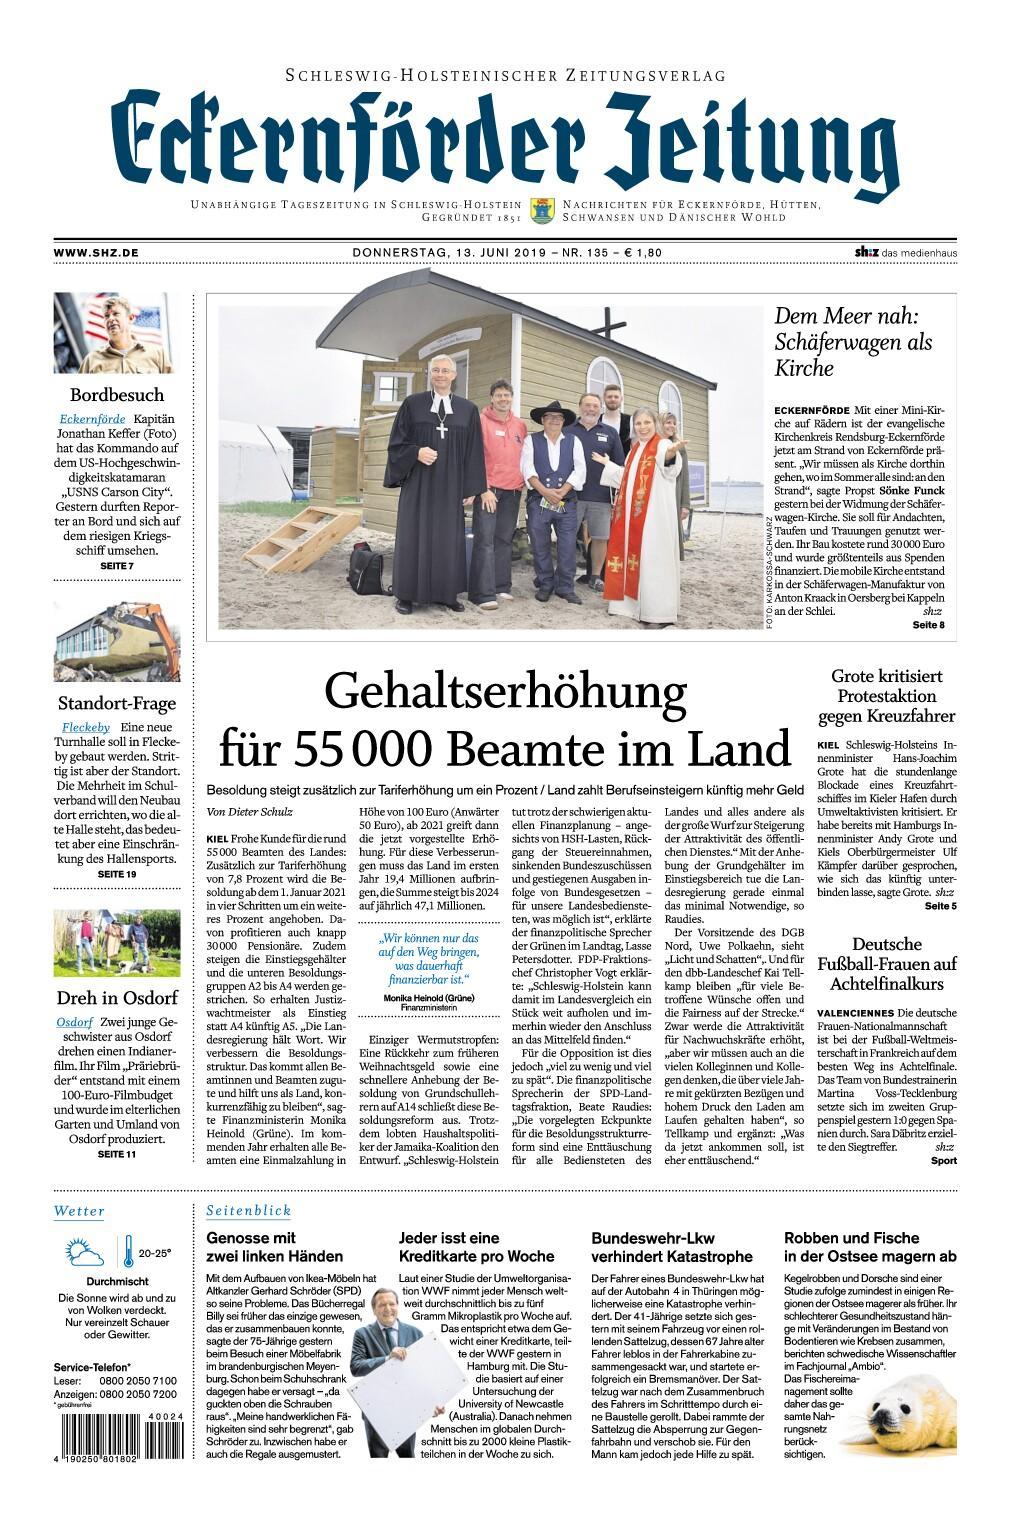 Eckernförder Zeitung - 13. Juni 2019